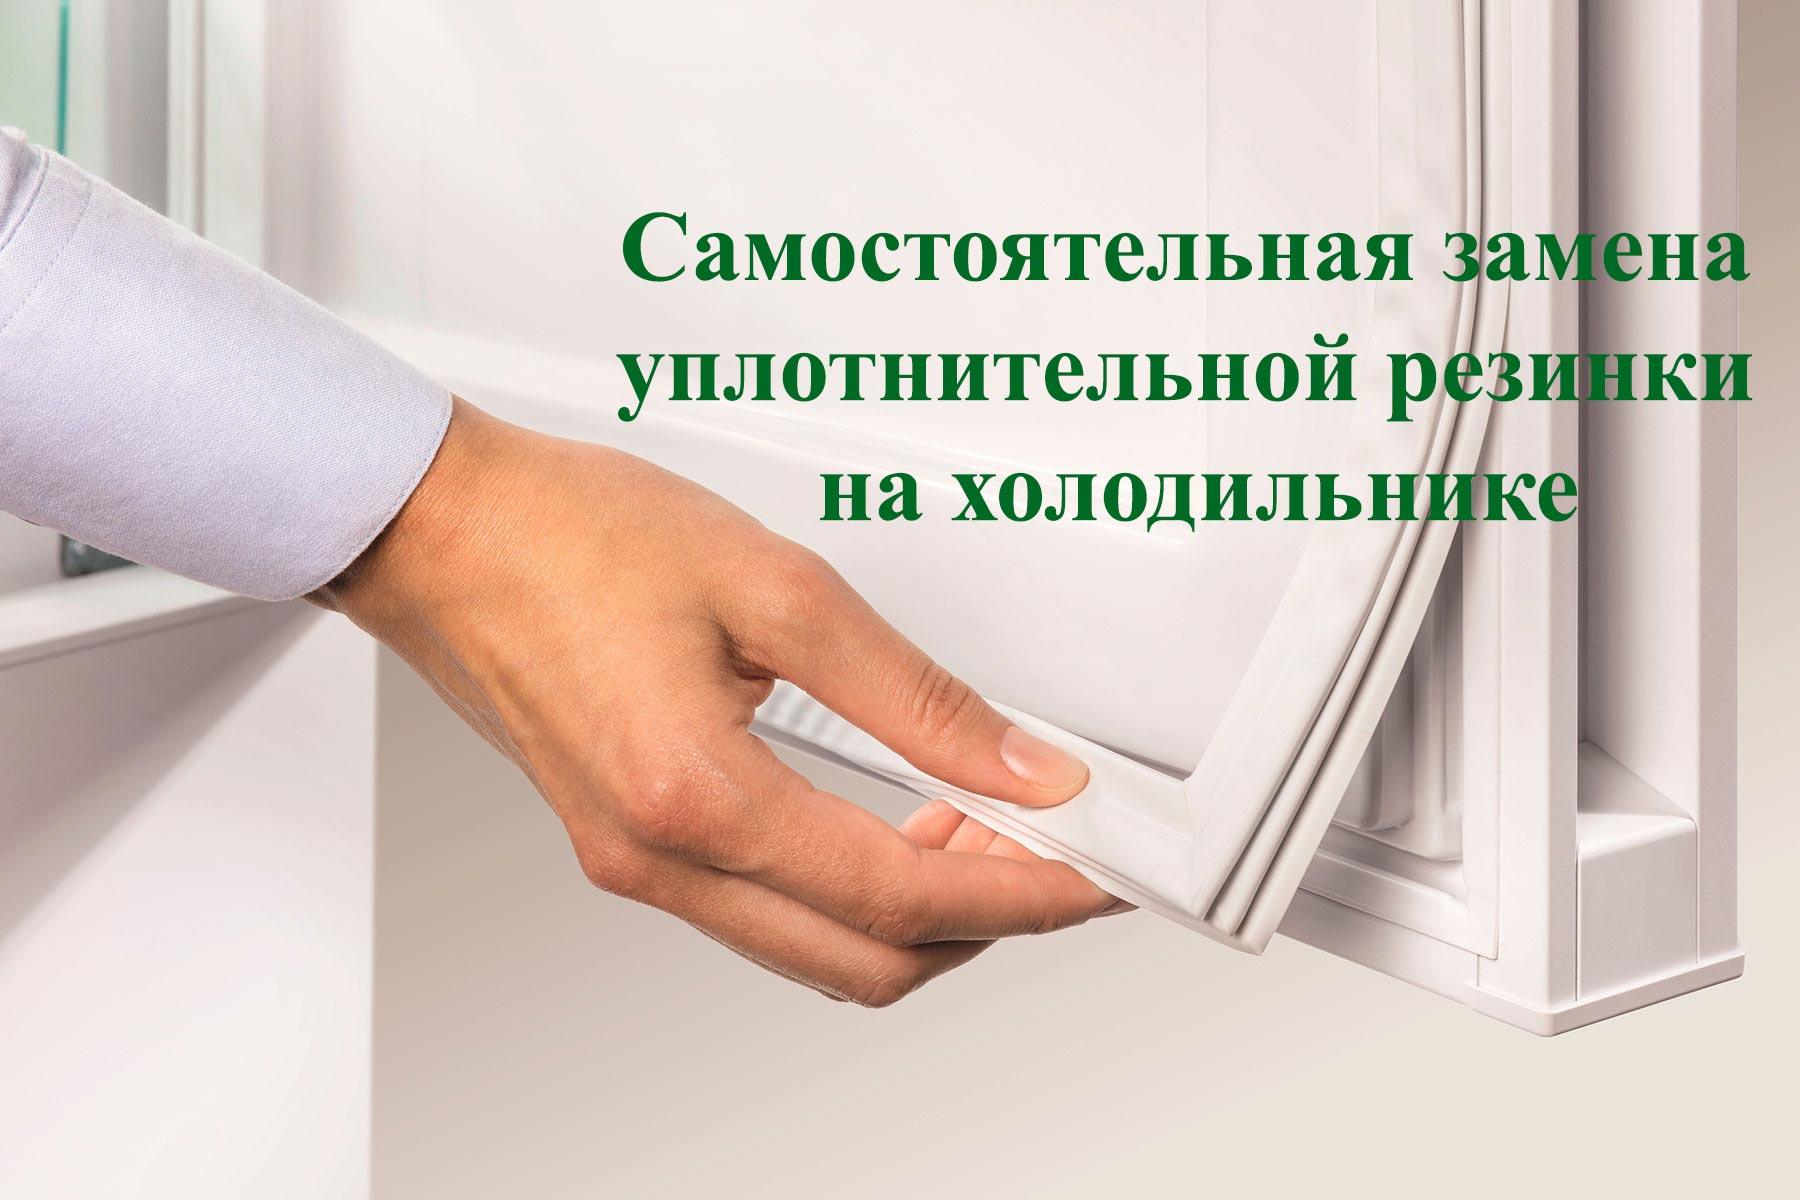 Самостоятельная замена уплотнительной резинки на холодильнике